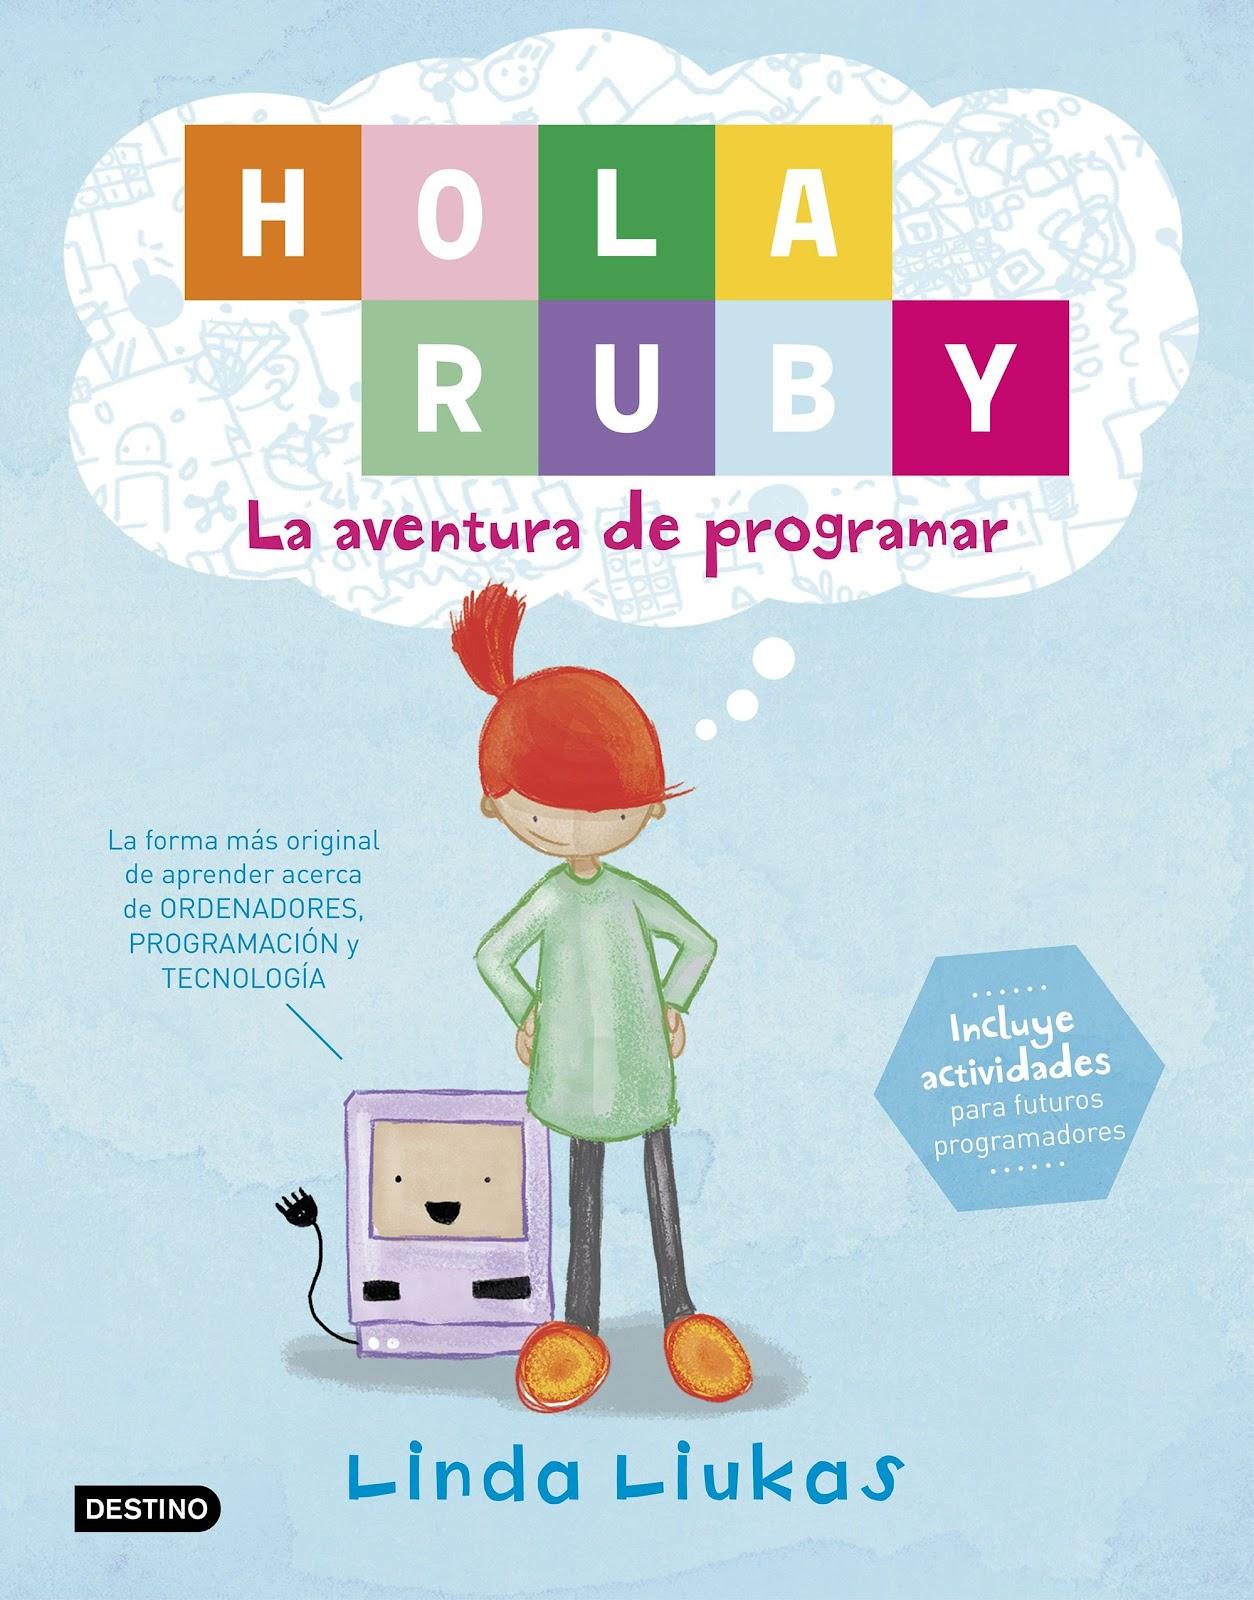 educacion-docente-hola-ruby-la-aventura-de-programar